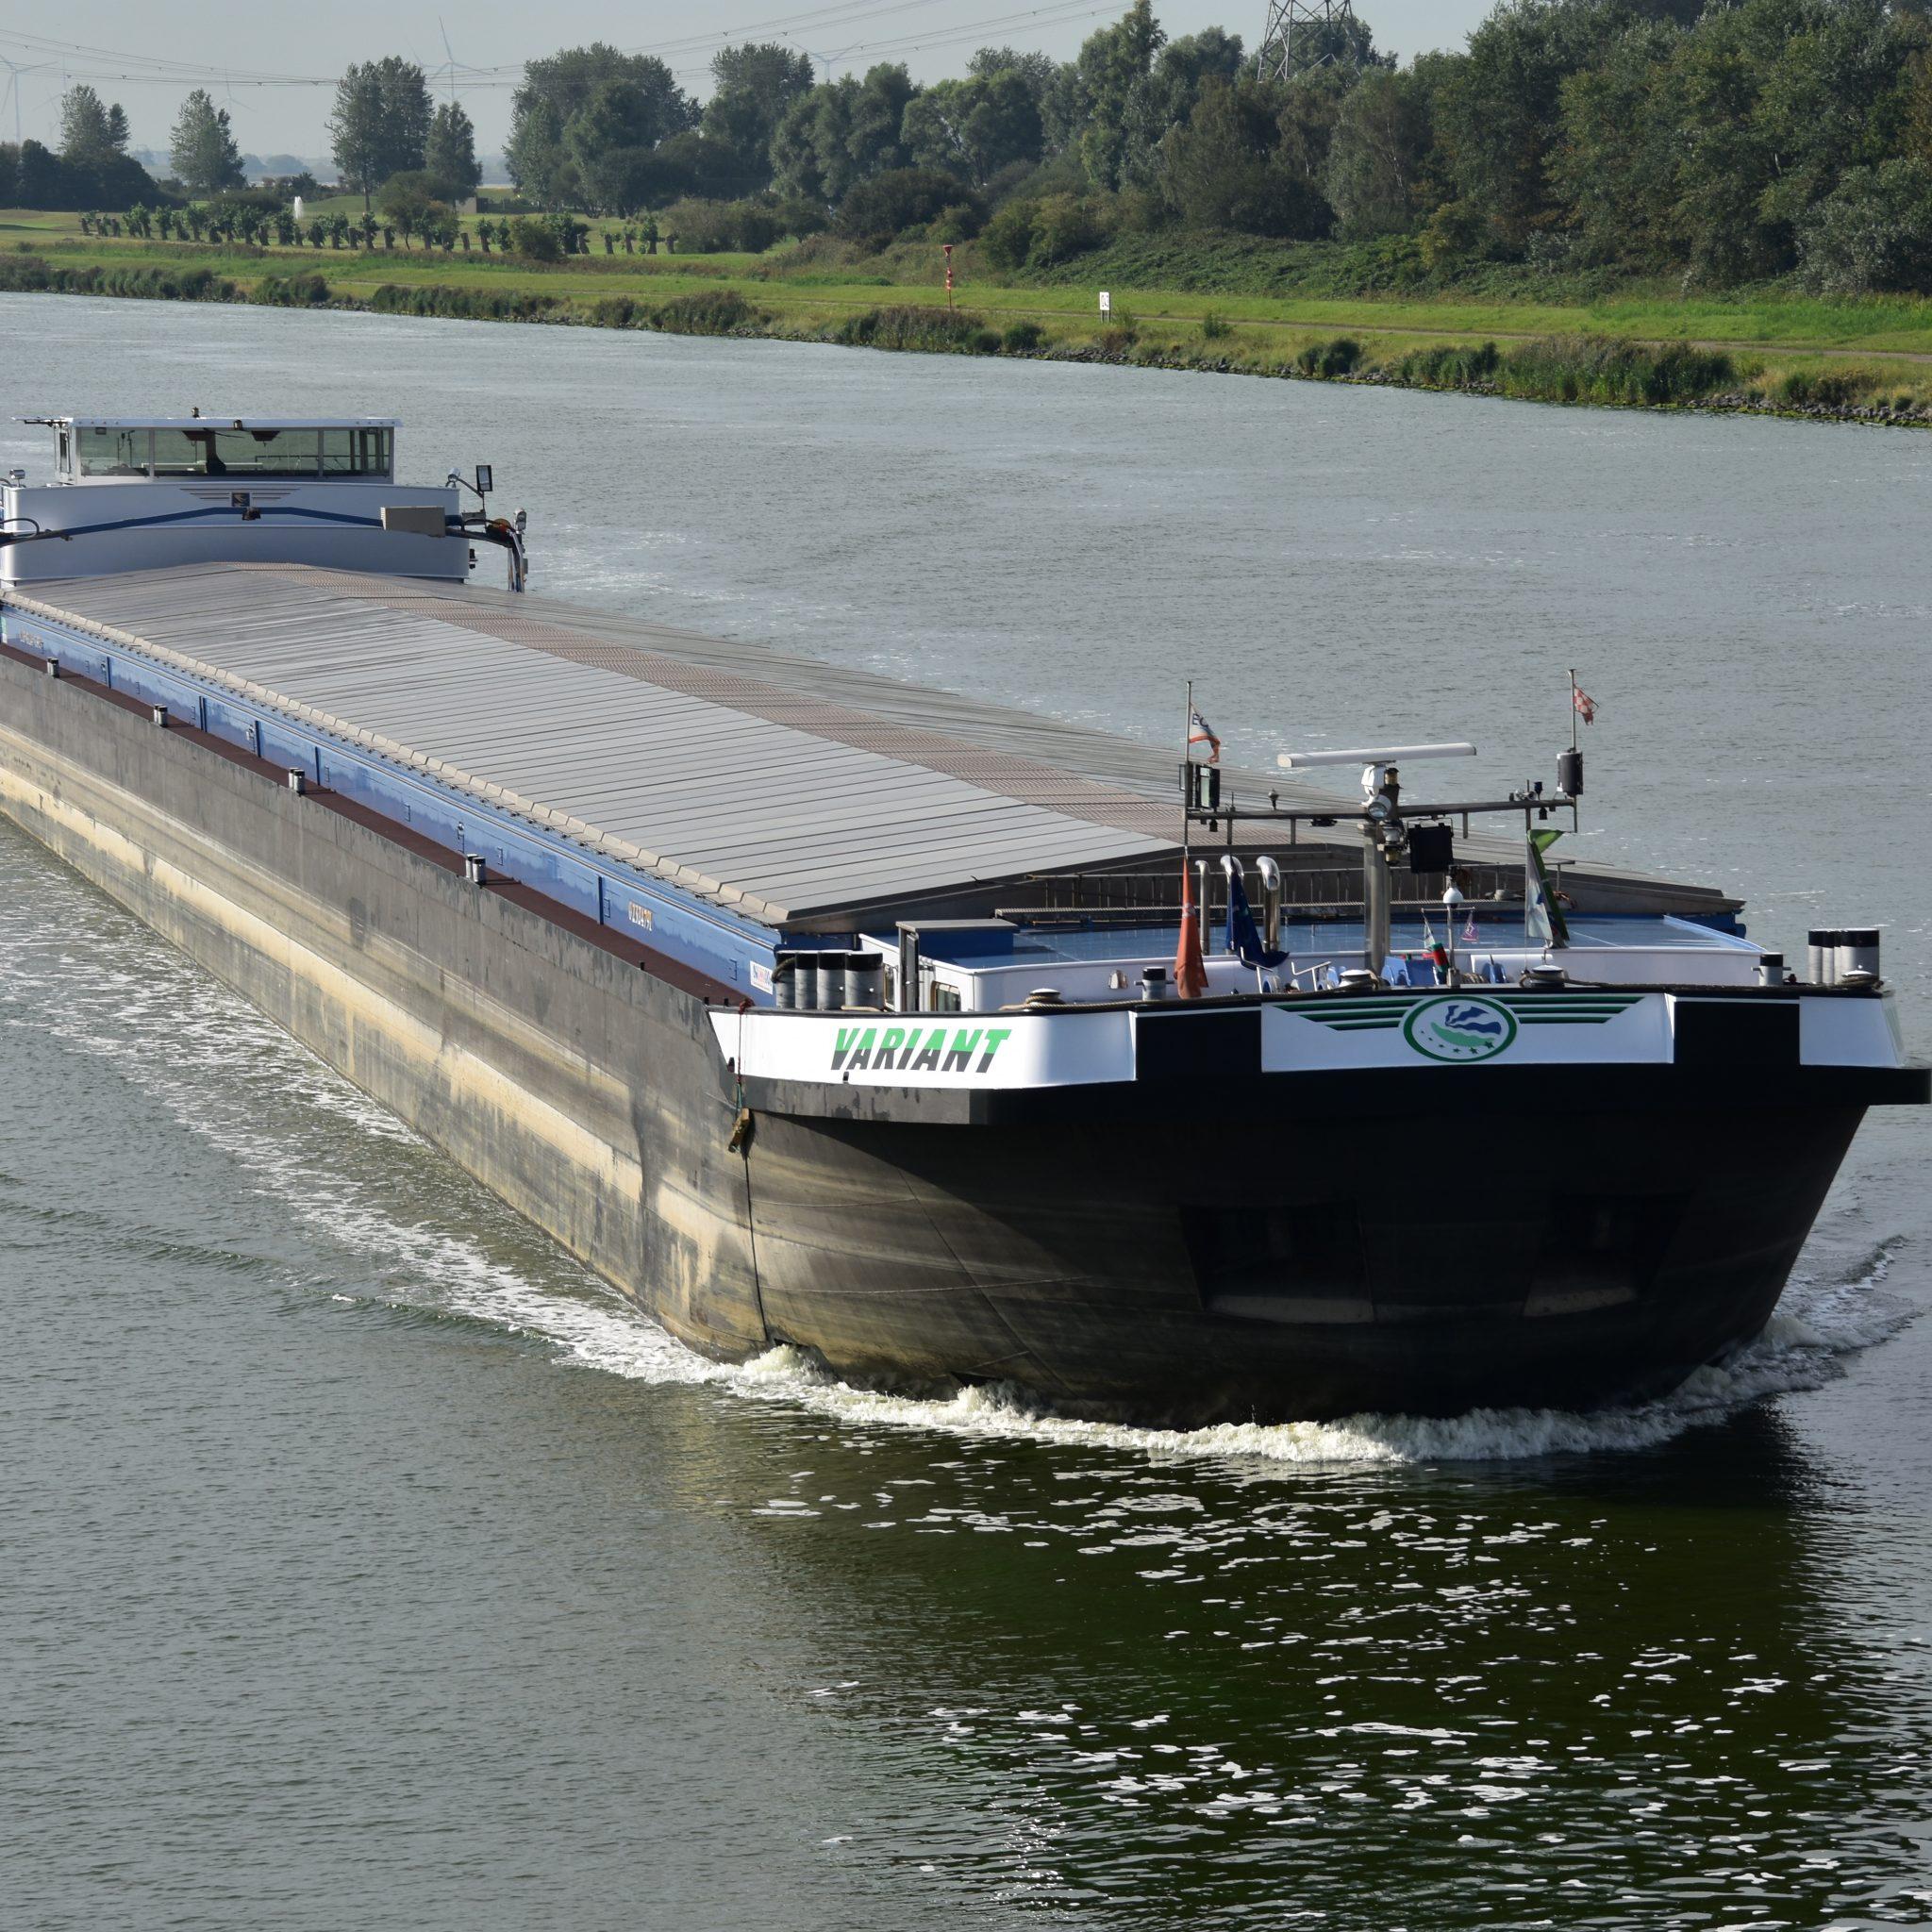 Variant krijgt geen vergunning om te varen op de Hoofdvaarweg Lemmer-Delfzijl. (Foto Leo Schuitemaker)